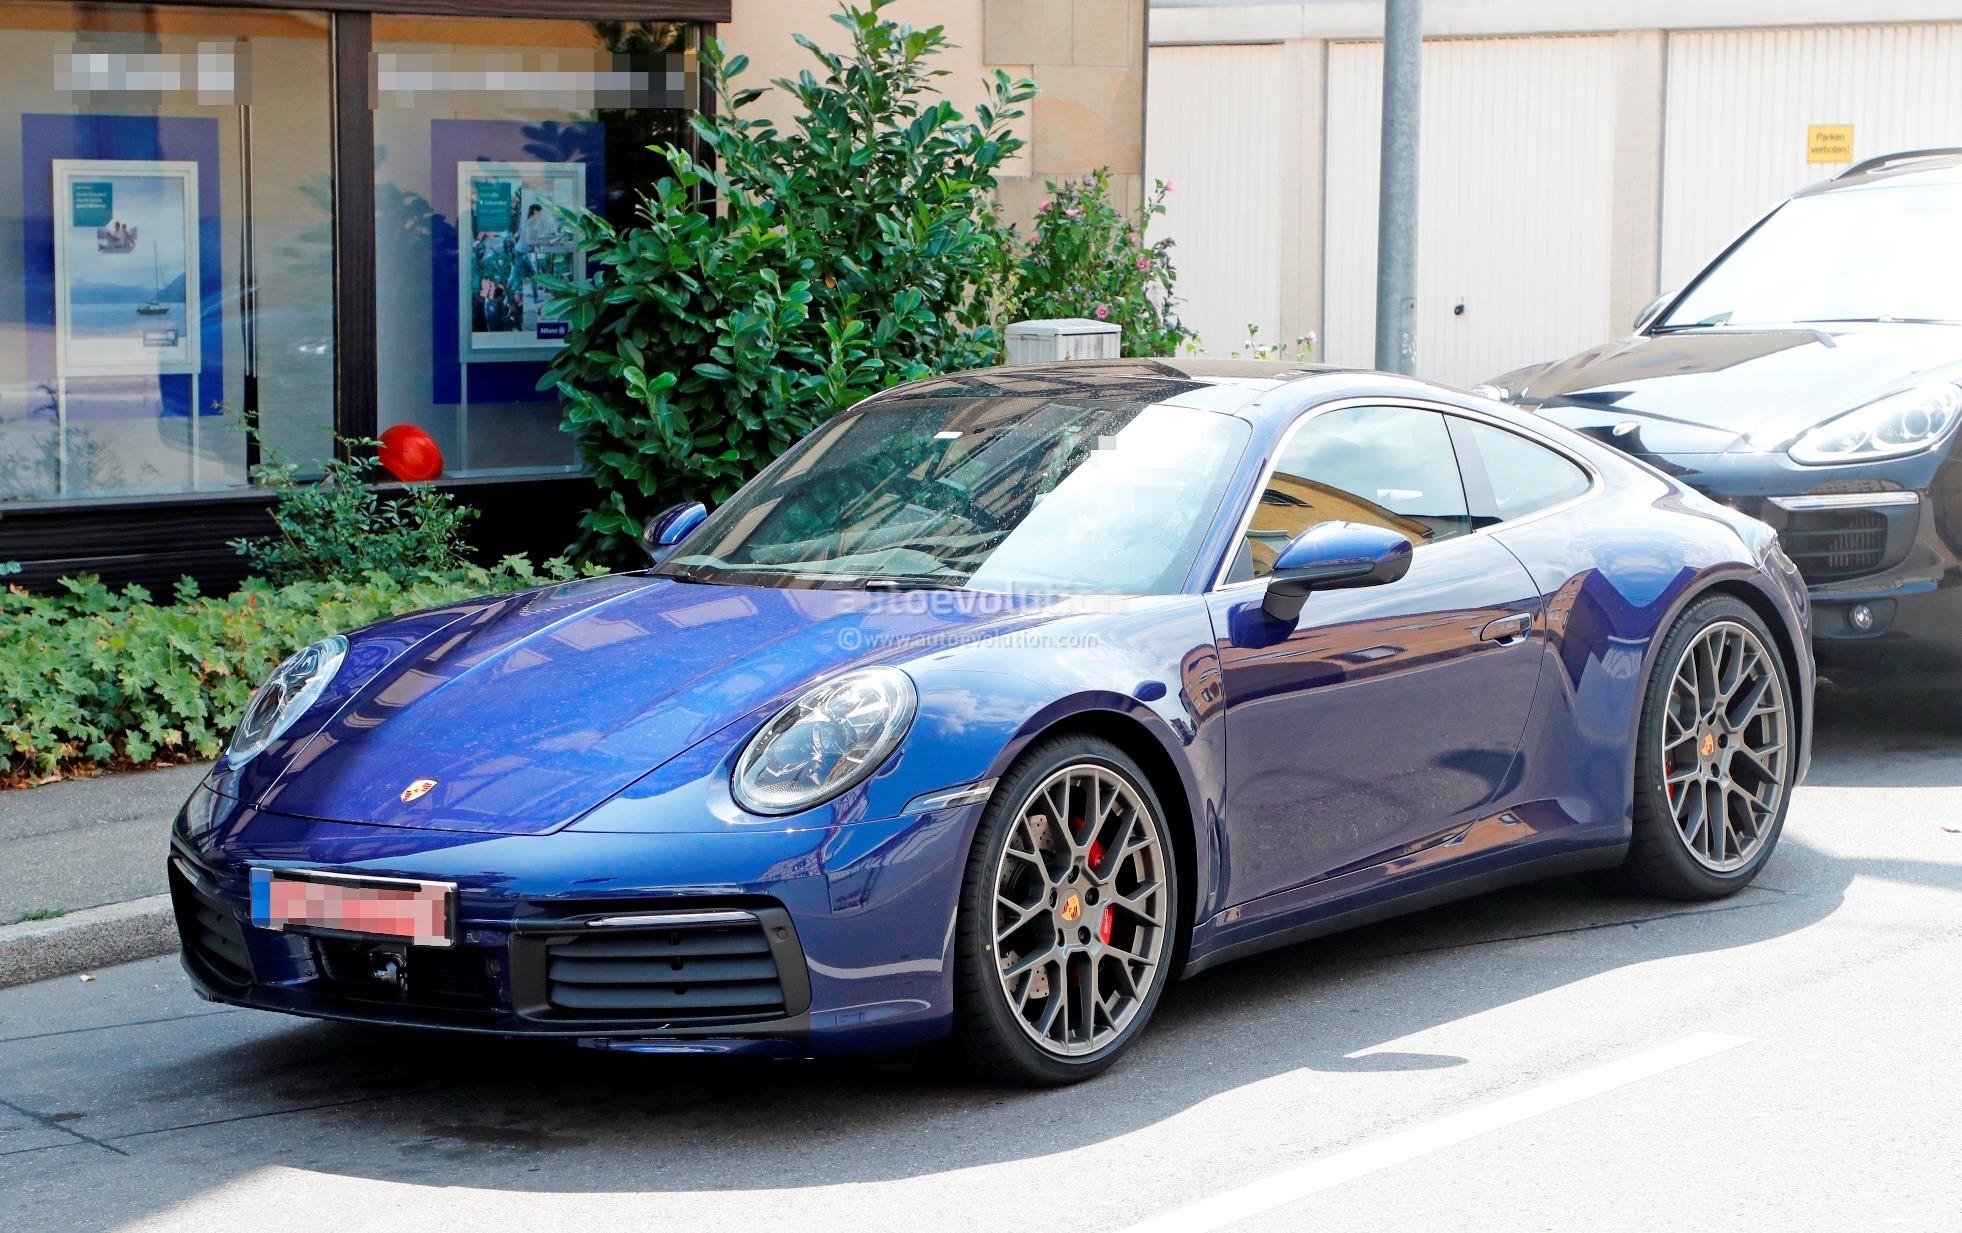 New Porsche 992 >> 2019 Porsche 911 (992) Spied Uncamouflaged, Looks Ready For World Debut - autoevolution